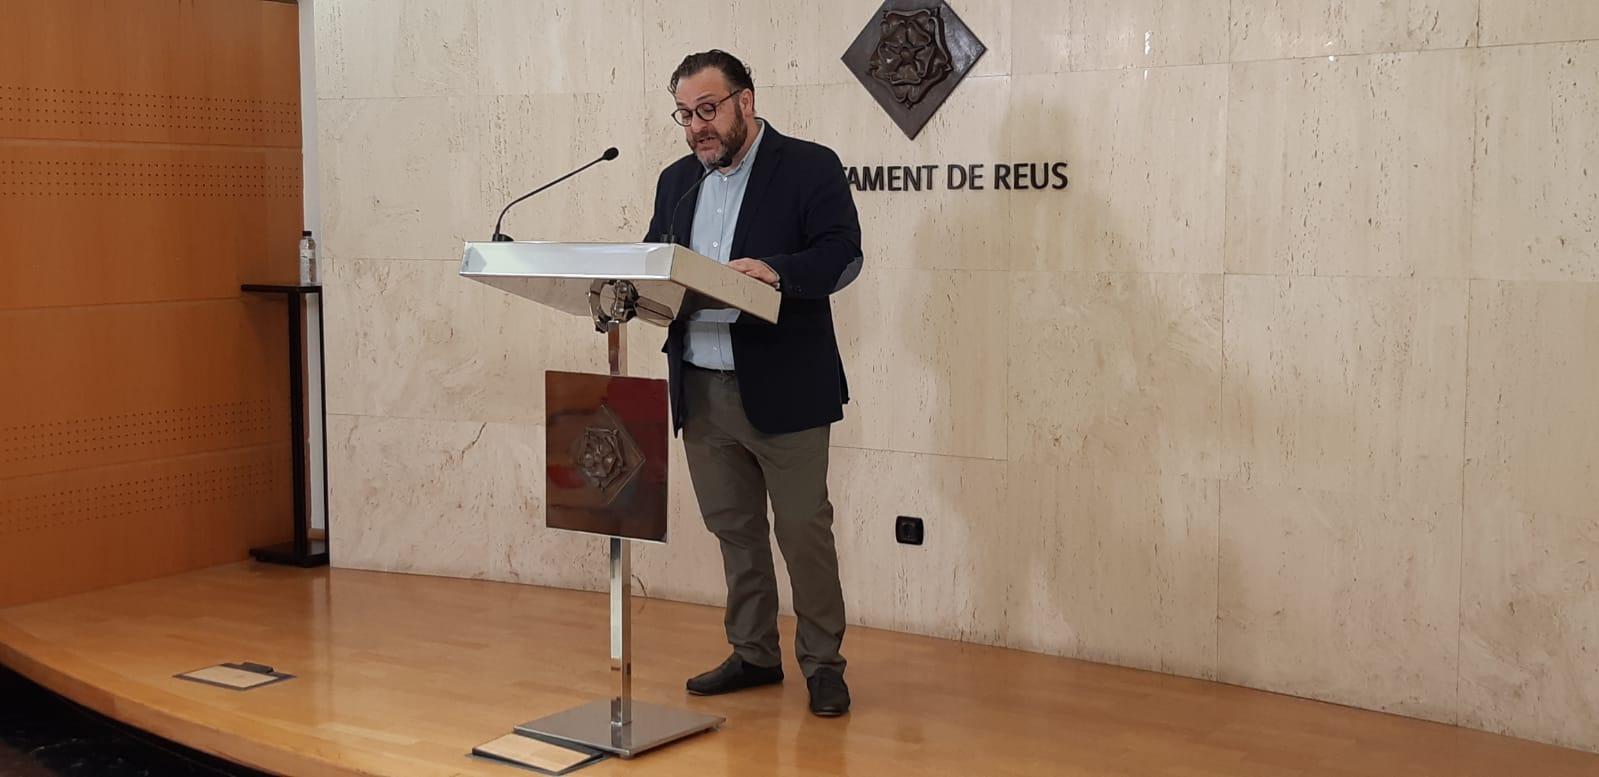 L'Ajuntament de Reus ha anunciat que no renuncia a la celebració de la Festa Major de Sant Pere. Tanmateix, per tal de preservar la salu...